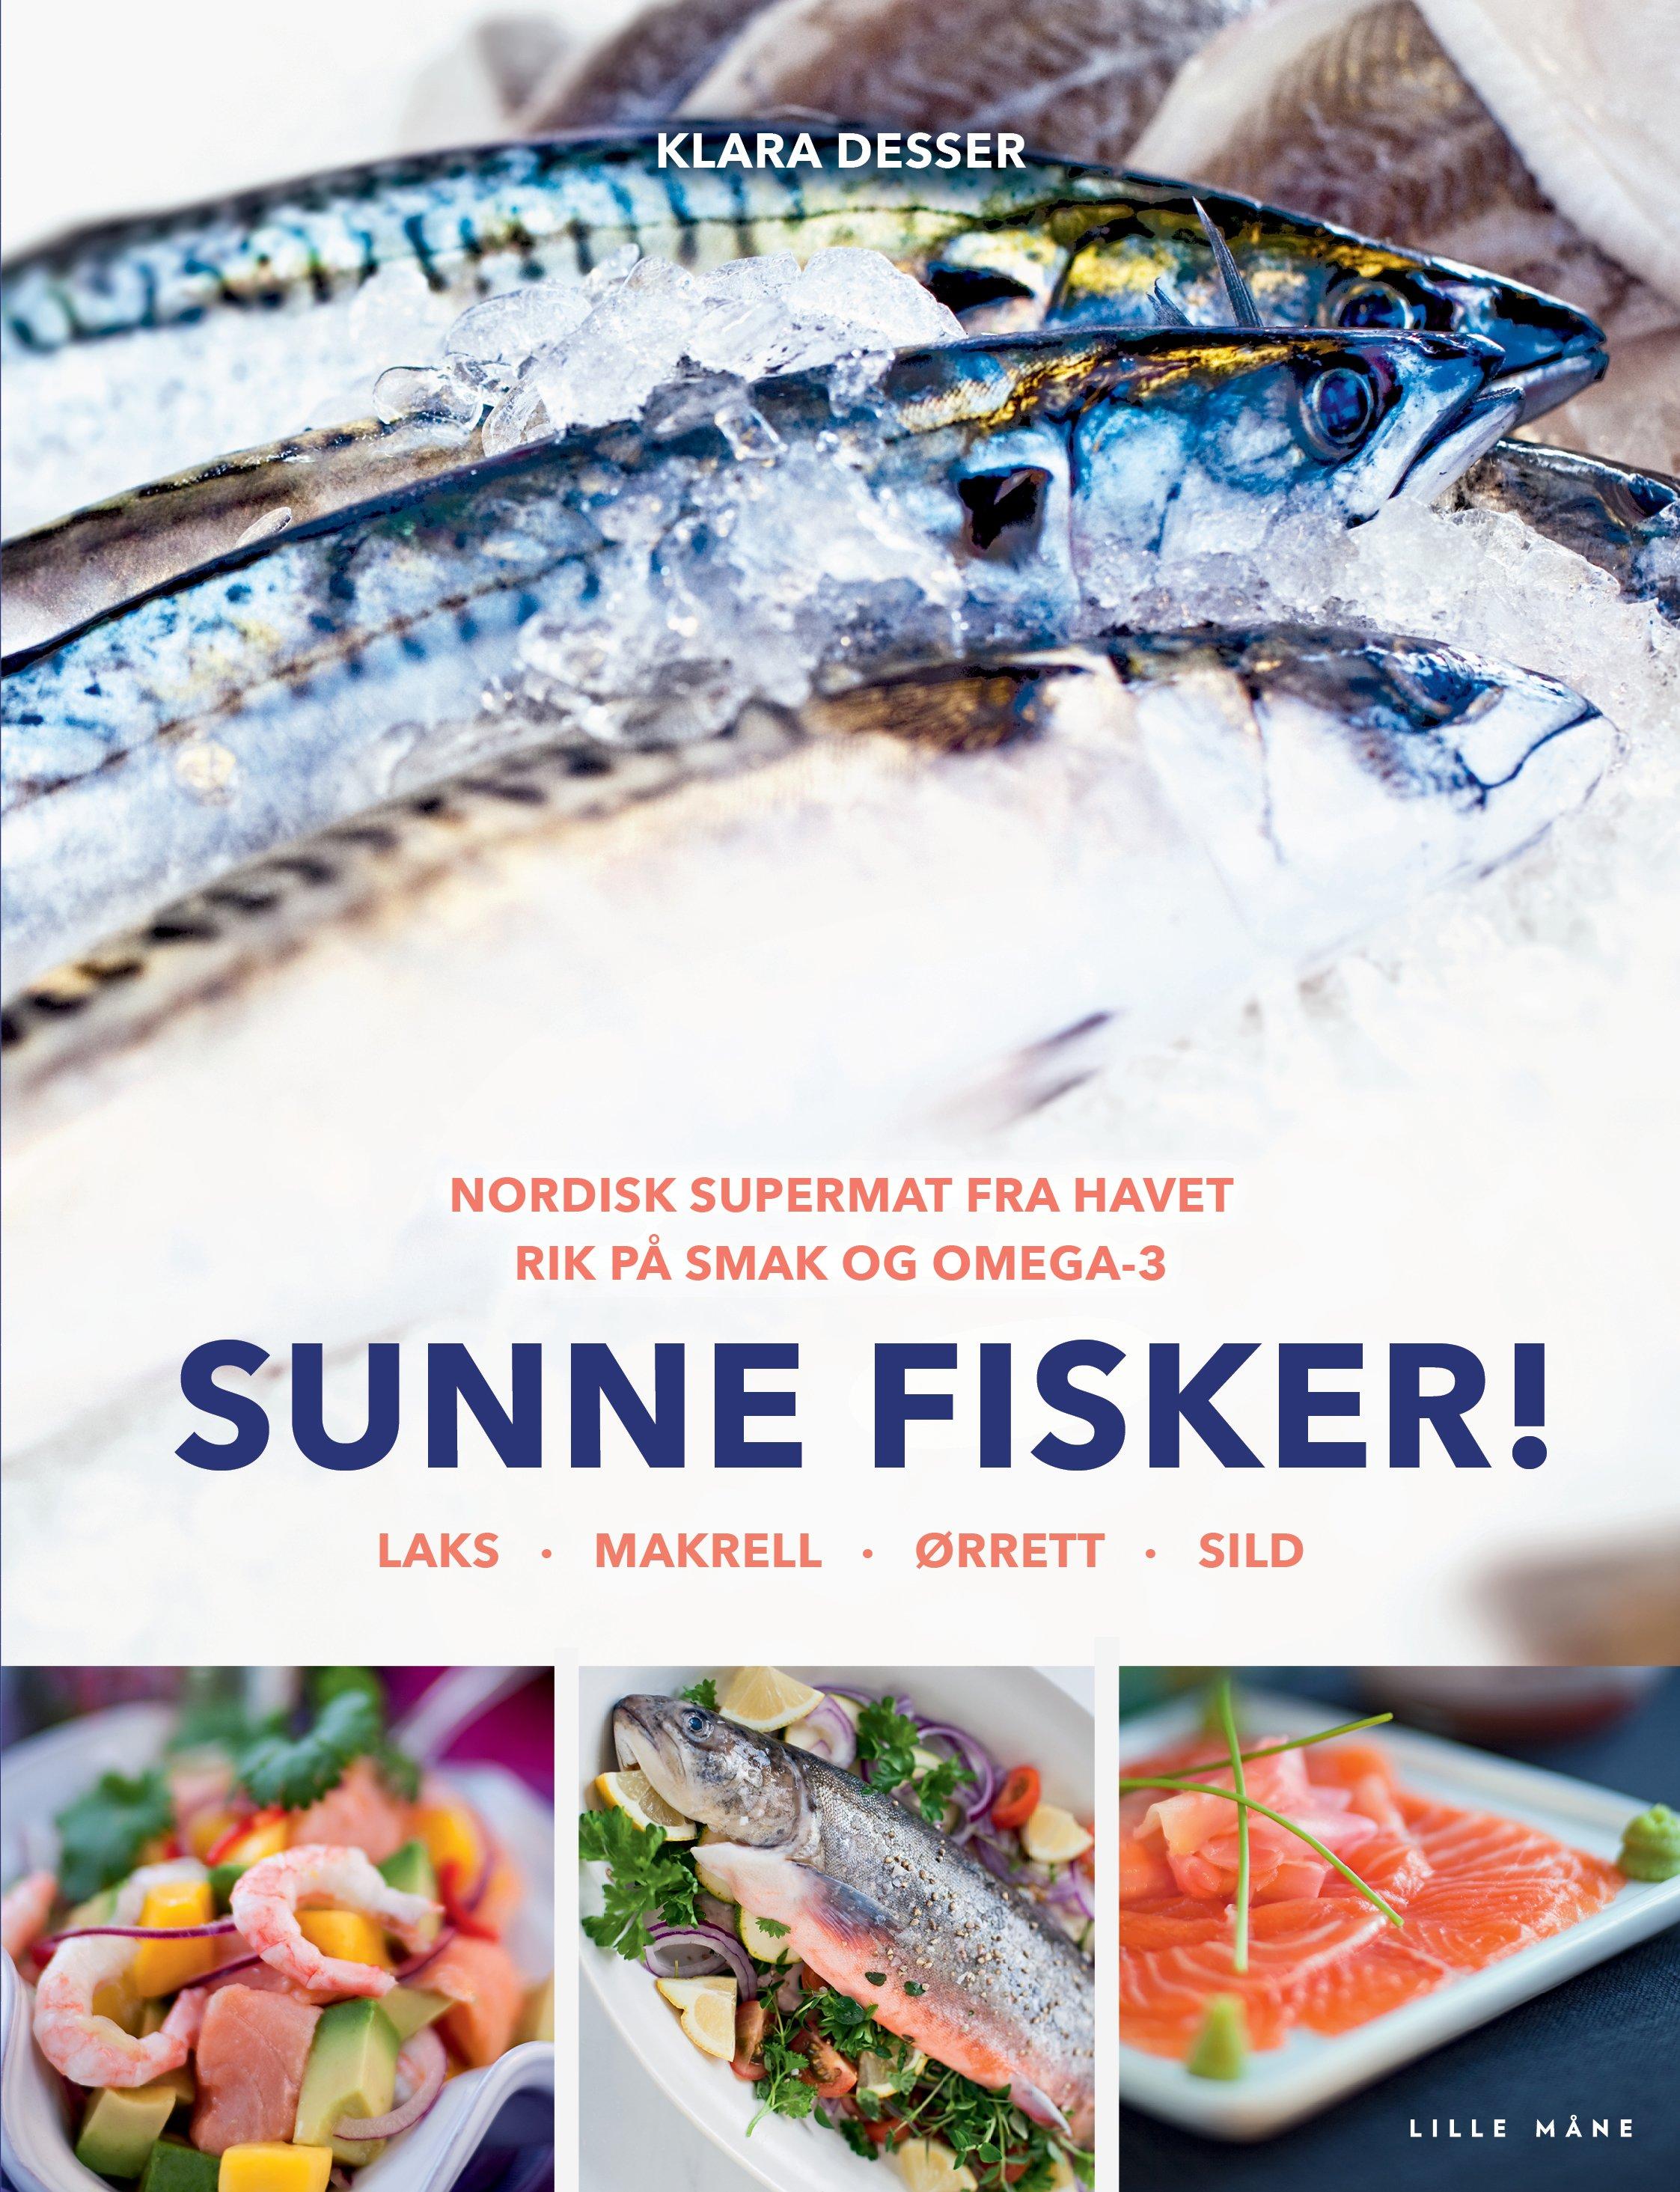 Det er bedre å være velutstyrt når du handler inn fisk - sunne fisker byr på 80 oppskrifter.